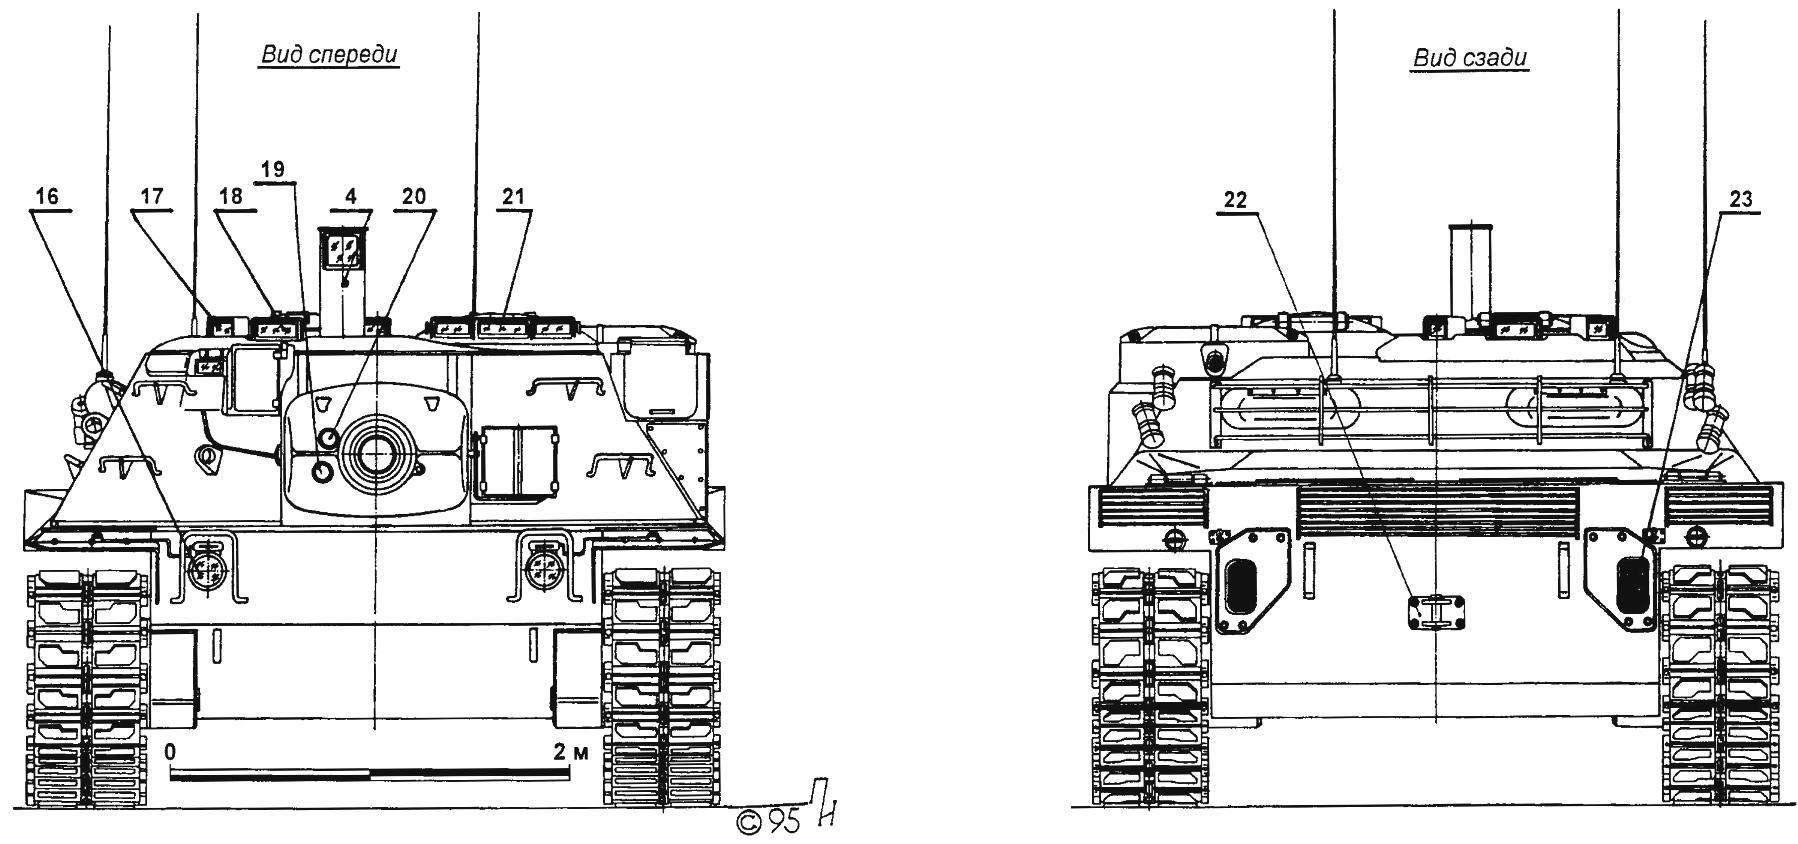 МВТ-70 с 20-мм автоматической зенитной пушкой (западногерманский вариант)